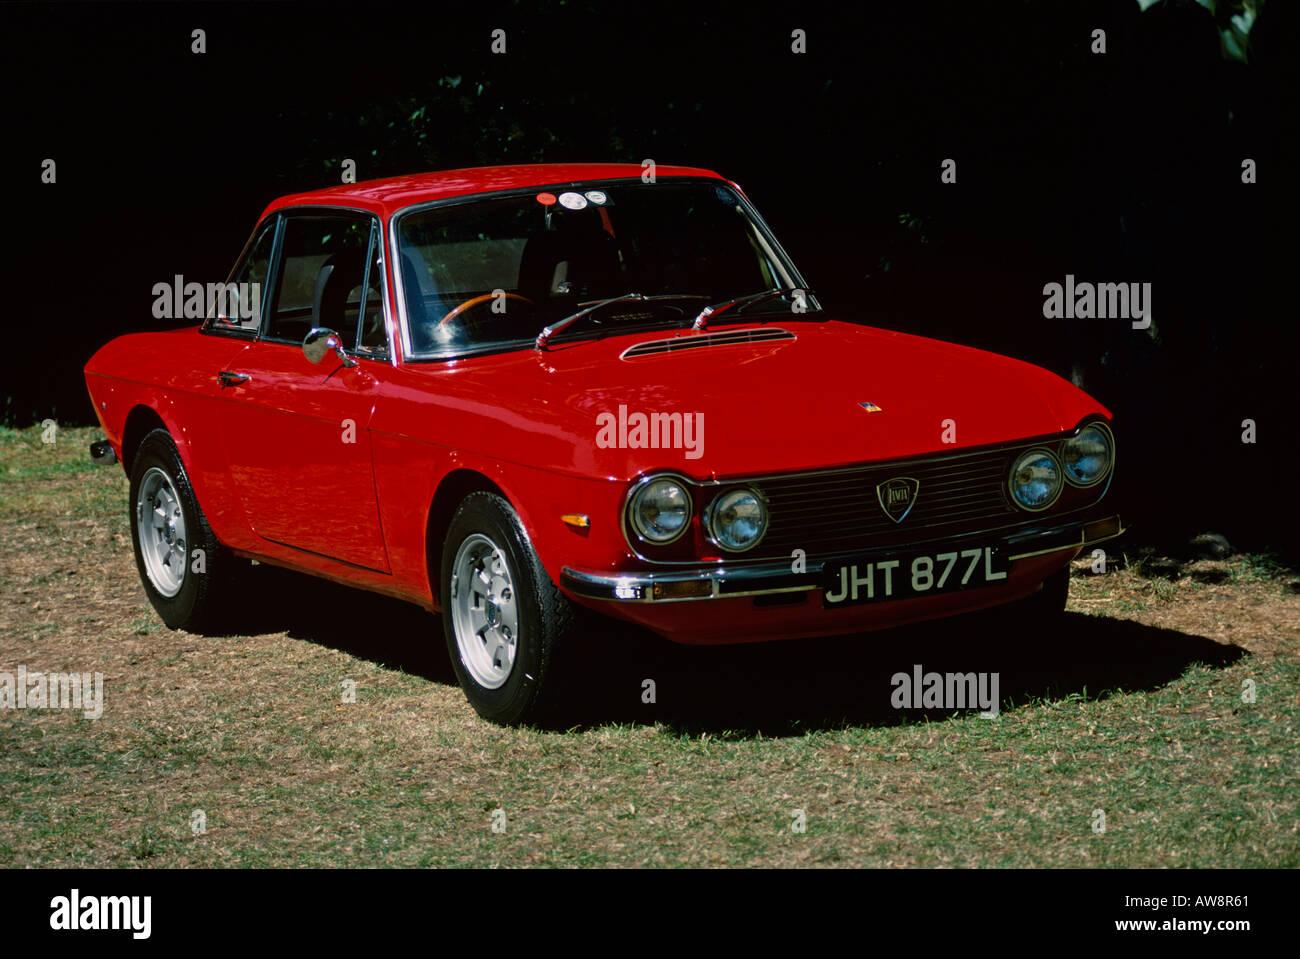 Lancia Fulvia Coupe - Stock Image